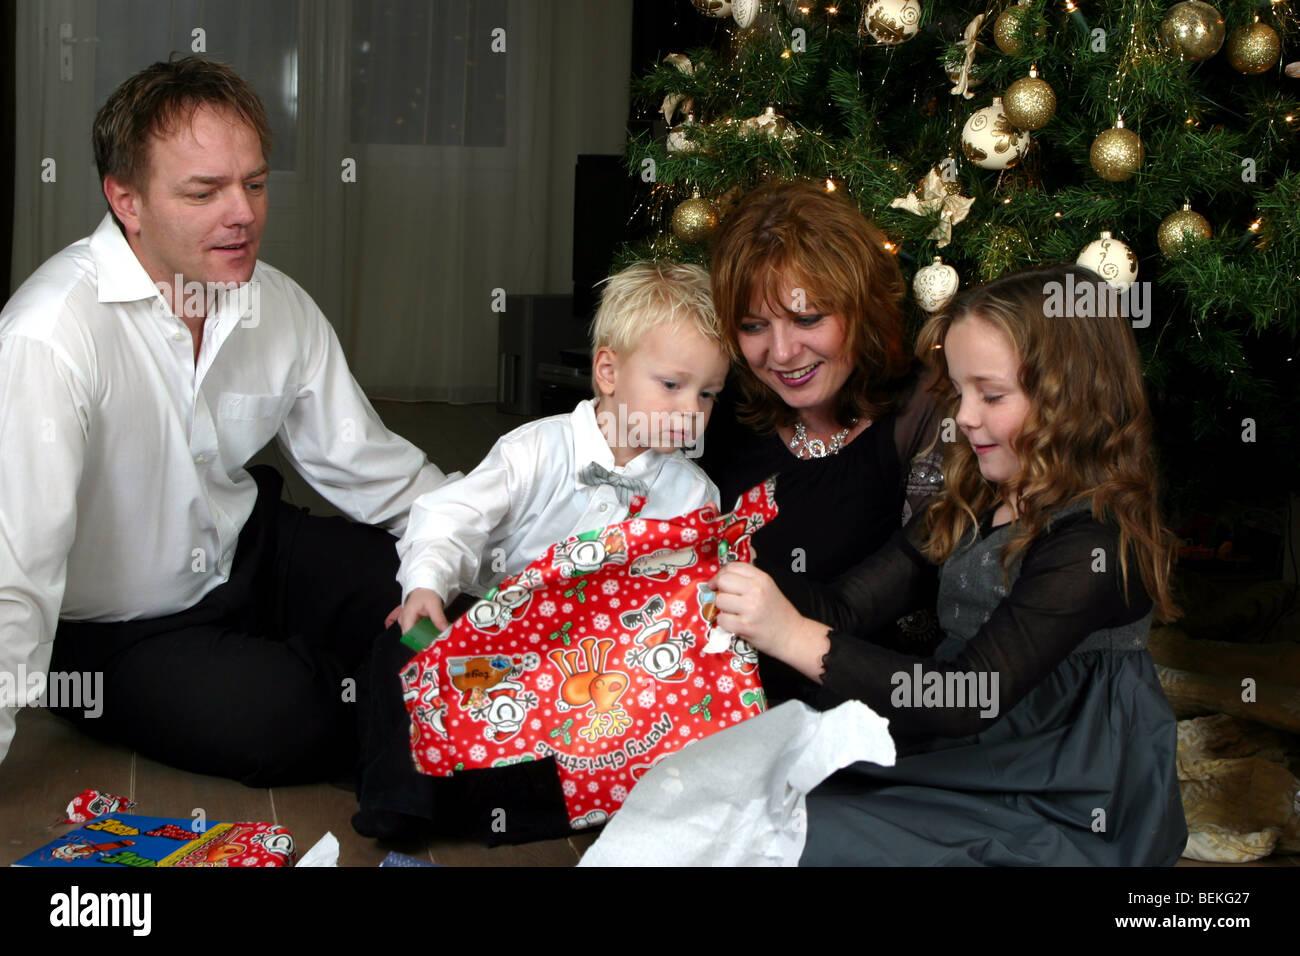 Junge Familie Gerät auspacken Weihnachtsgeschenke vor Baum, die ...